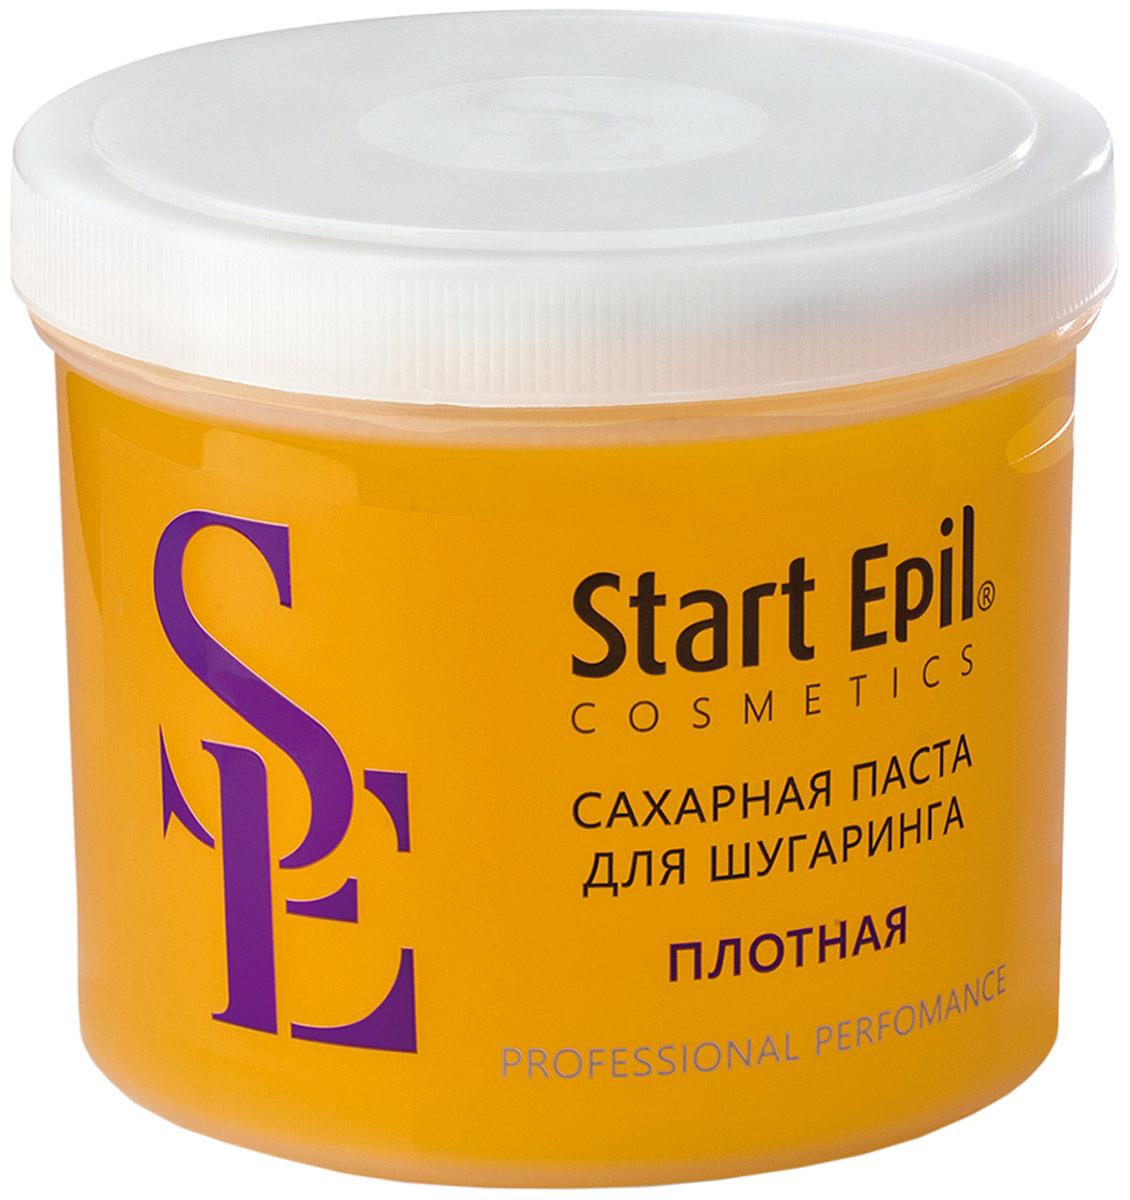 Start Epil Сахарная паста для депиляции Плотная, 750 г